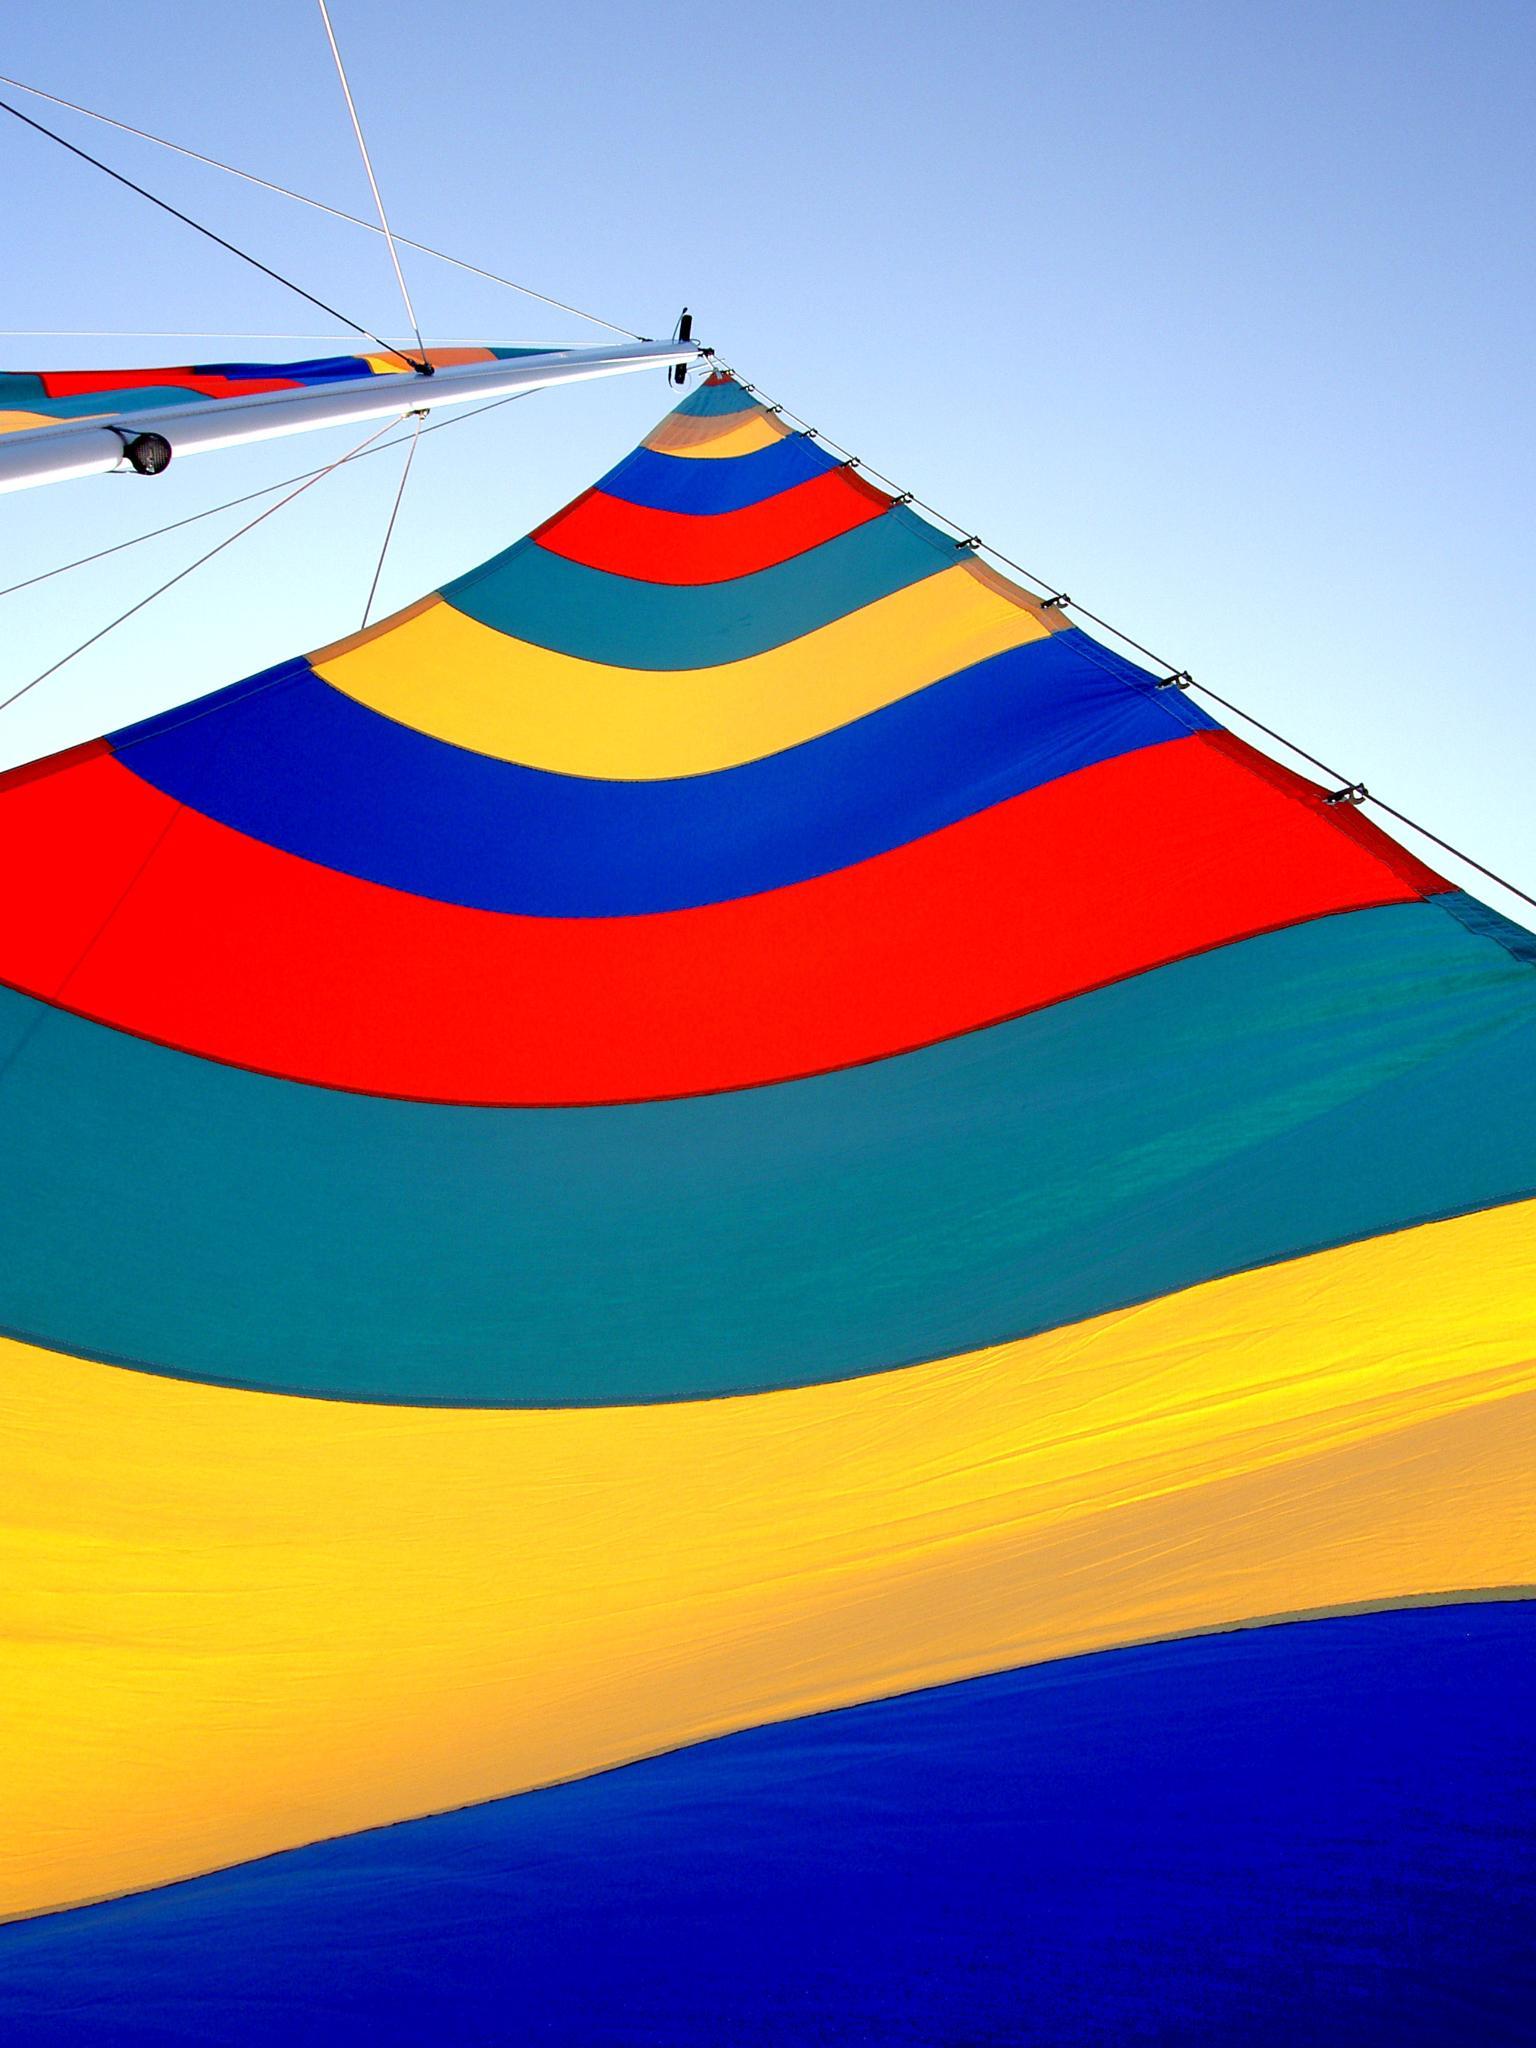 Mainsail and Mast by Terri Scache Harris